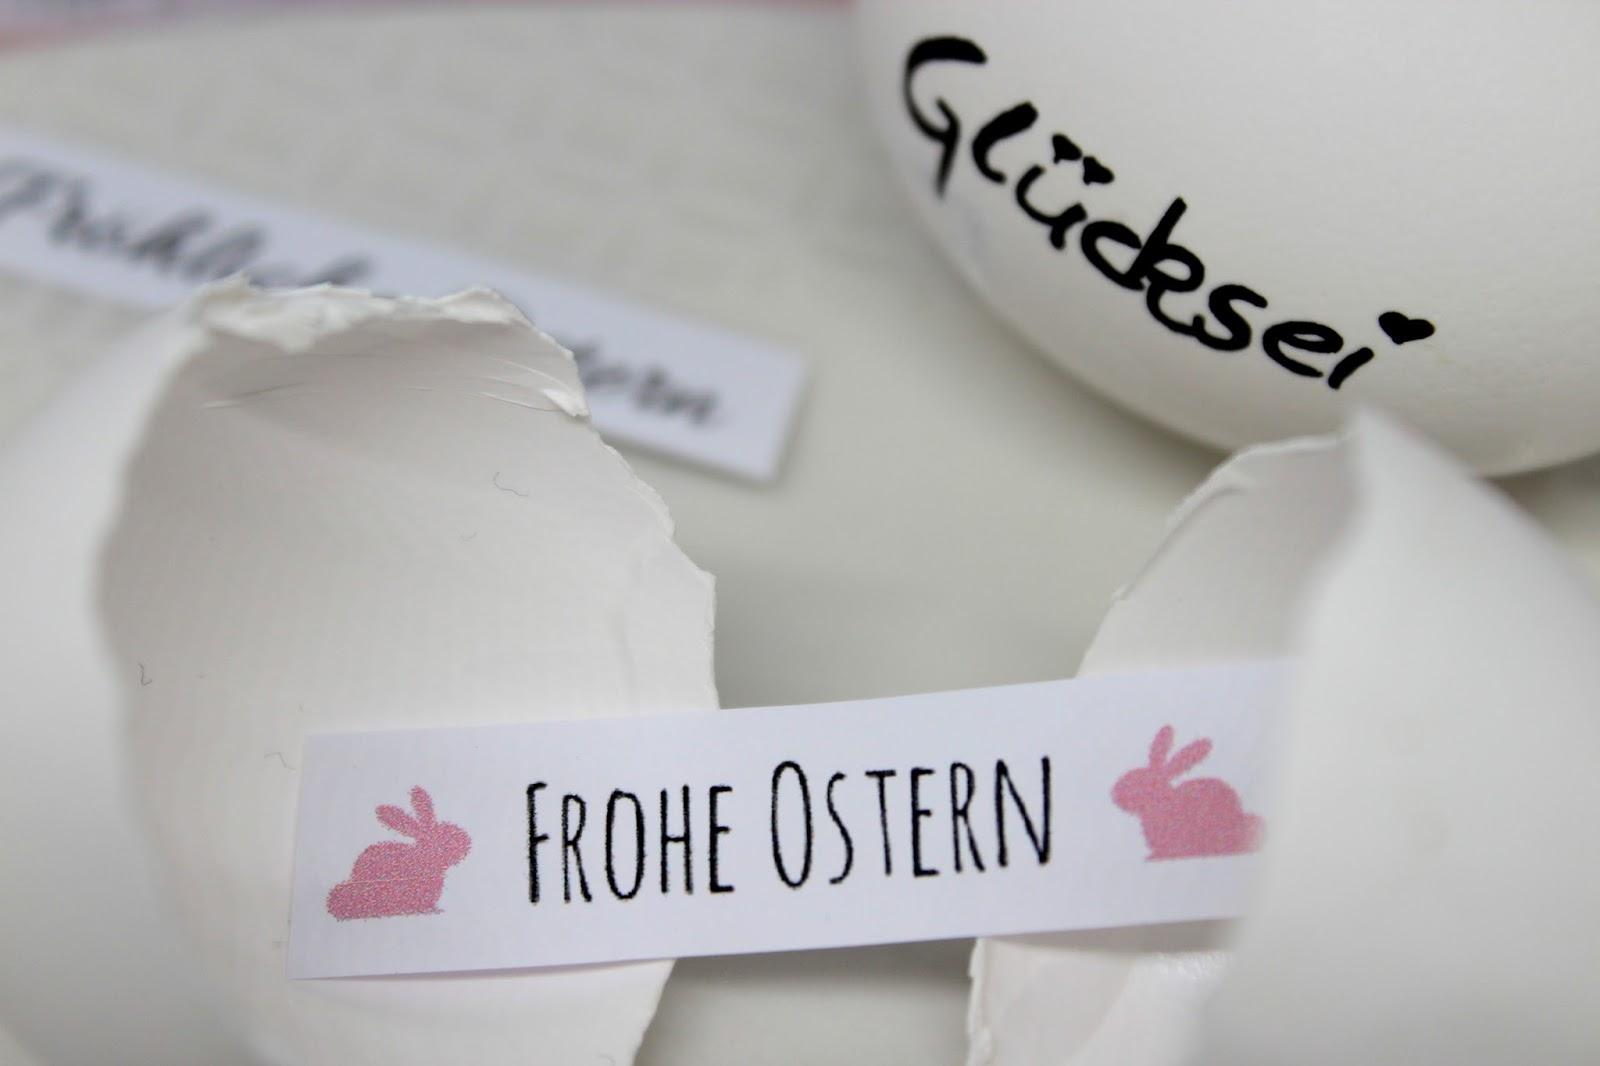 Geniale Geschenkidee für Ostern: DIY Glücksei mit individuellen Nachrichten ganz einfach selber machen + kostenlose Vorlage